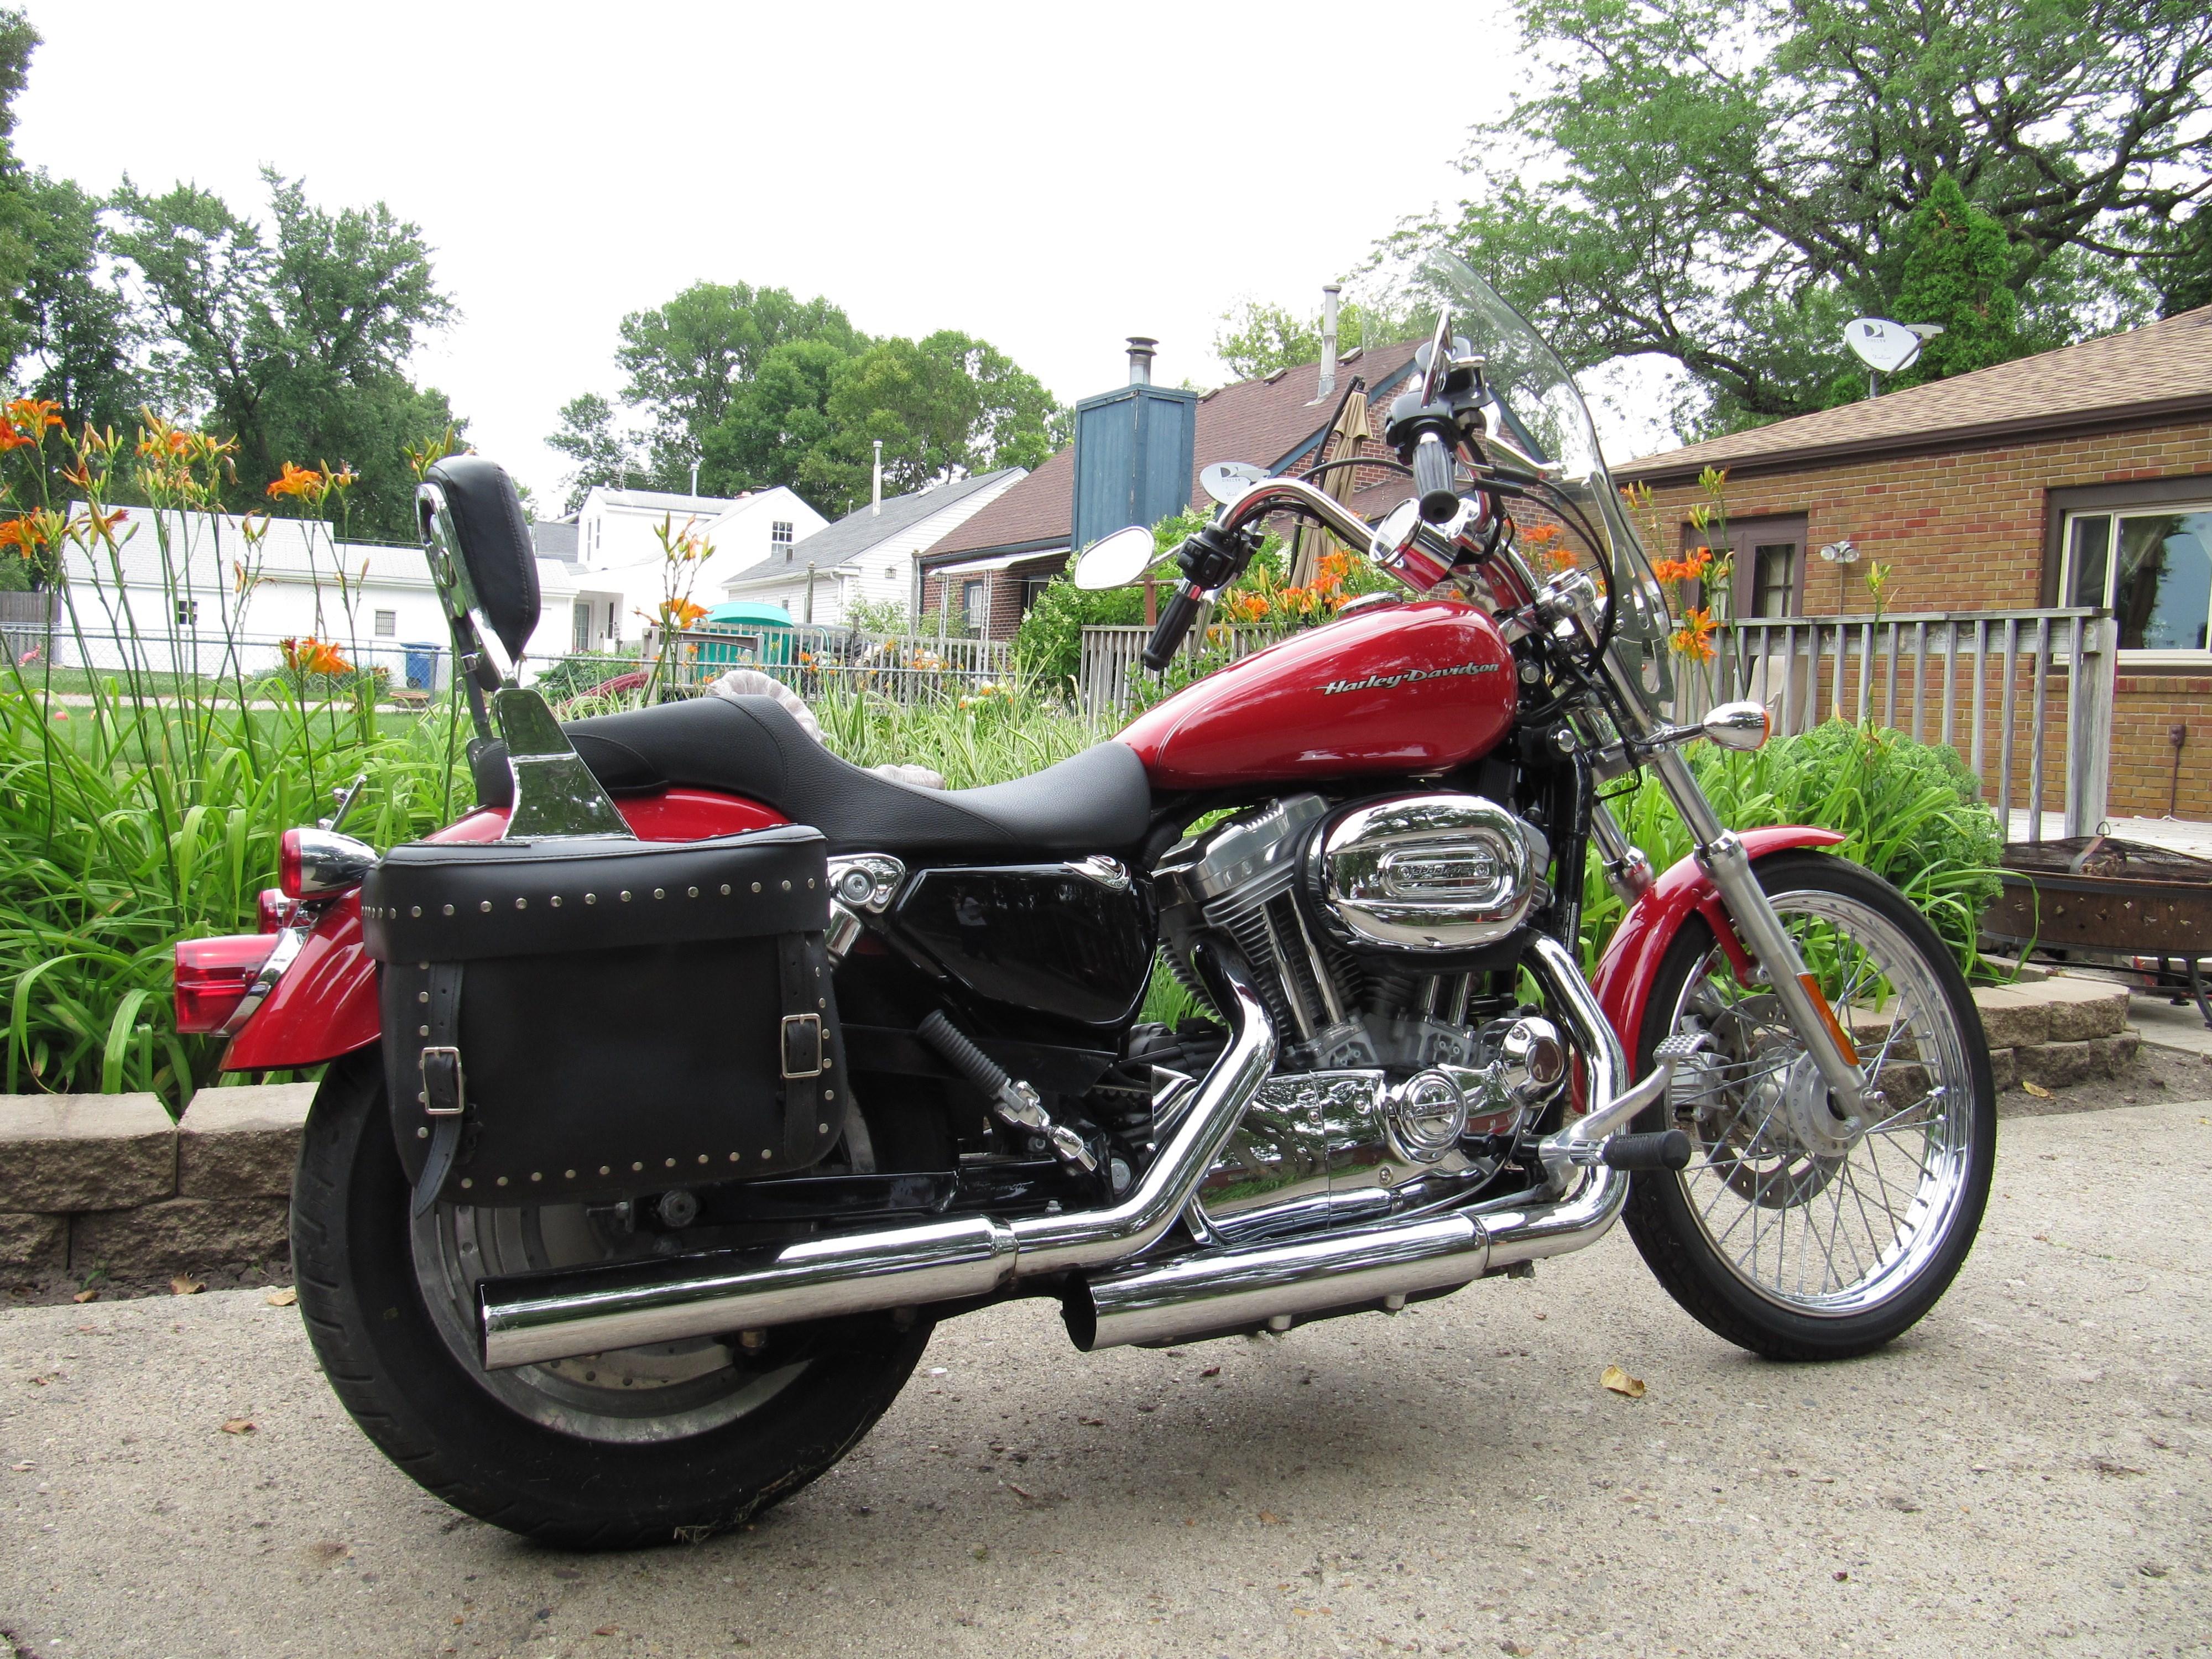 2004 Harley Davidson Xl883c Sportster 883 Custom Red Des Moines Iowa 549493 Chopperexchange